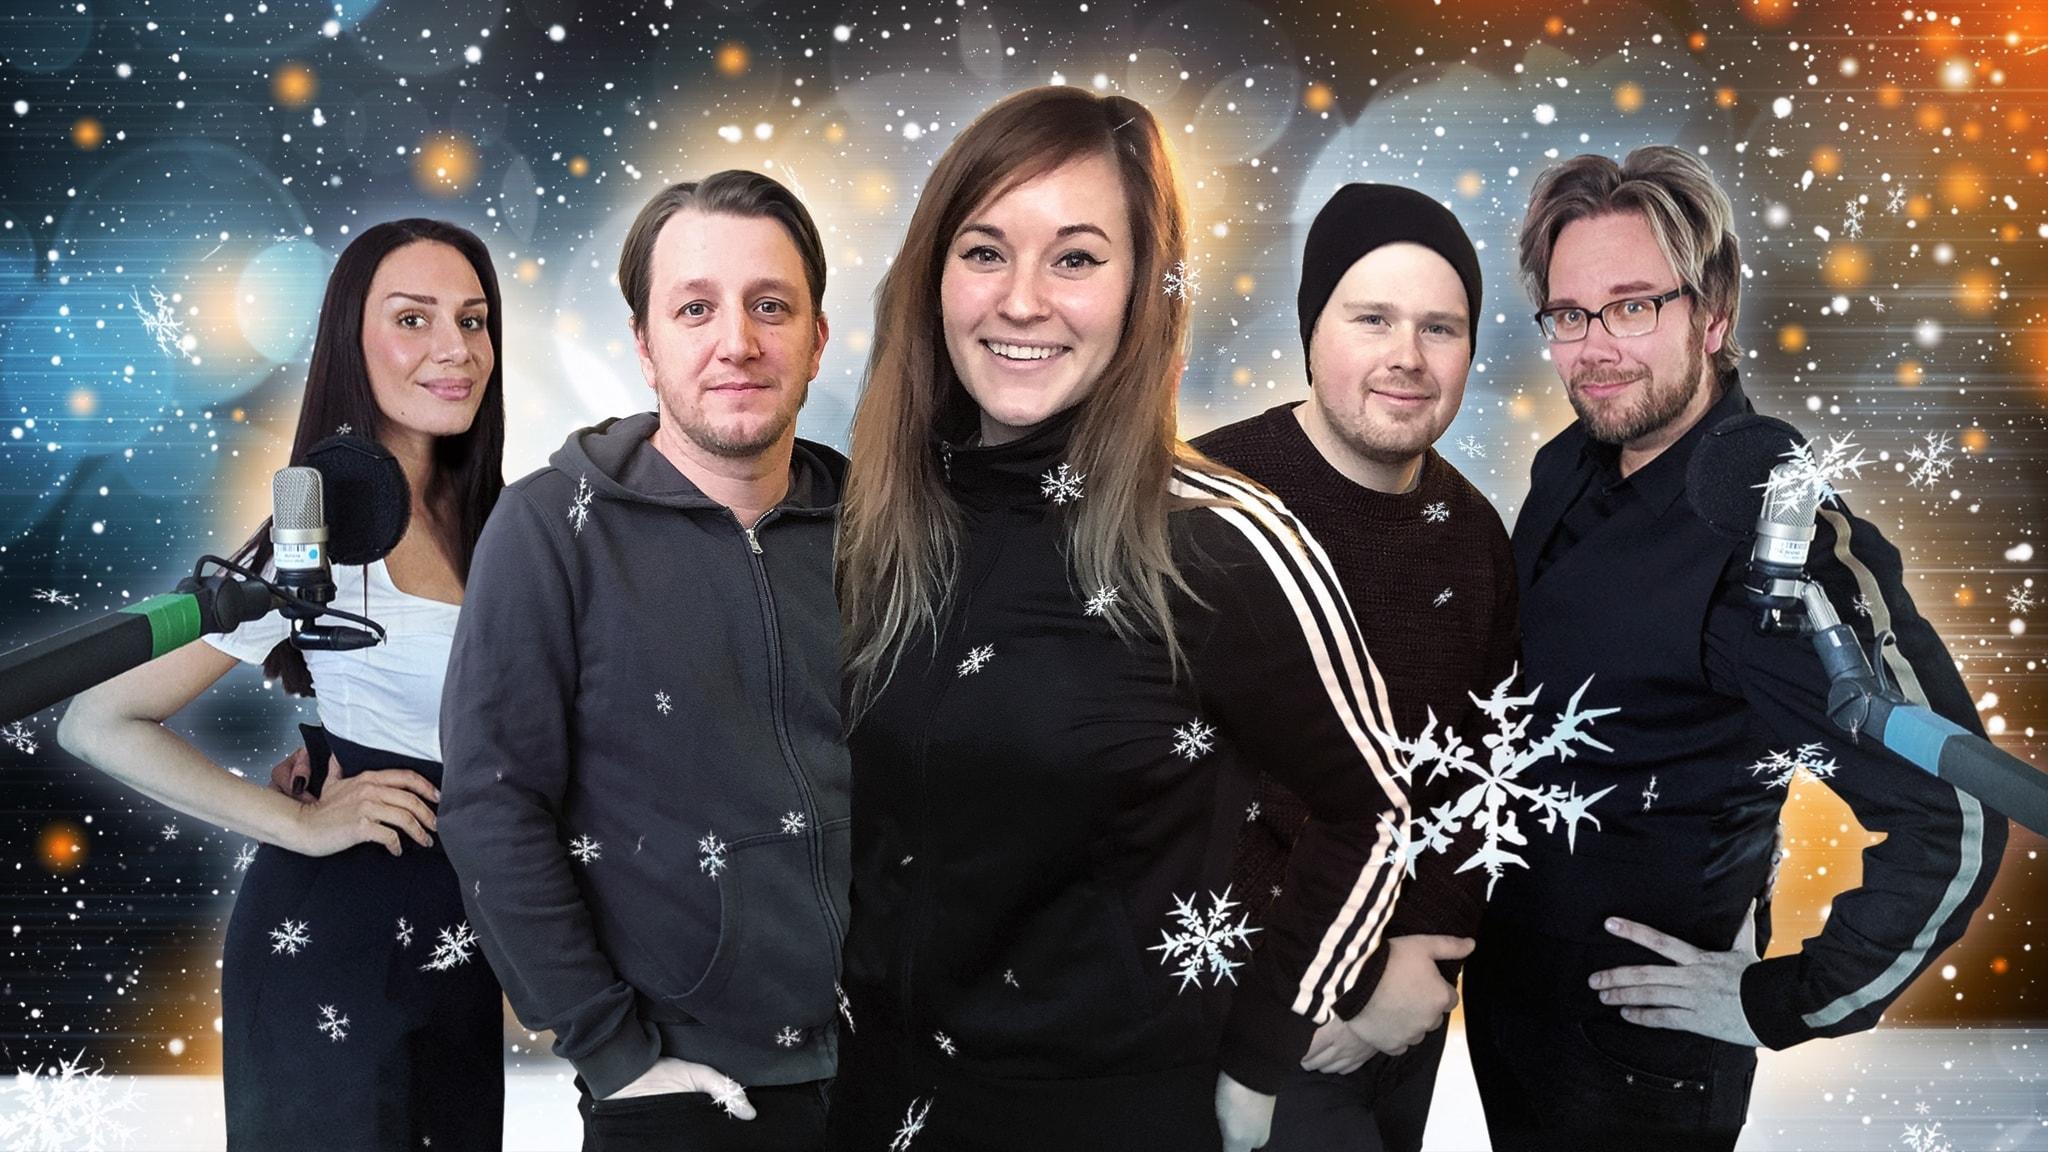 Istria och Emil sjunger in julen och Kalled vill spela annat än bad guys